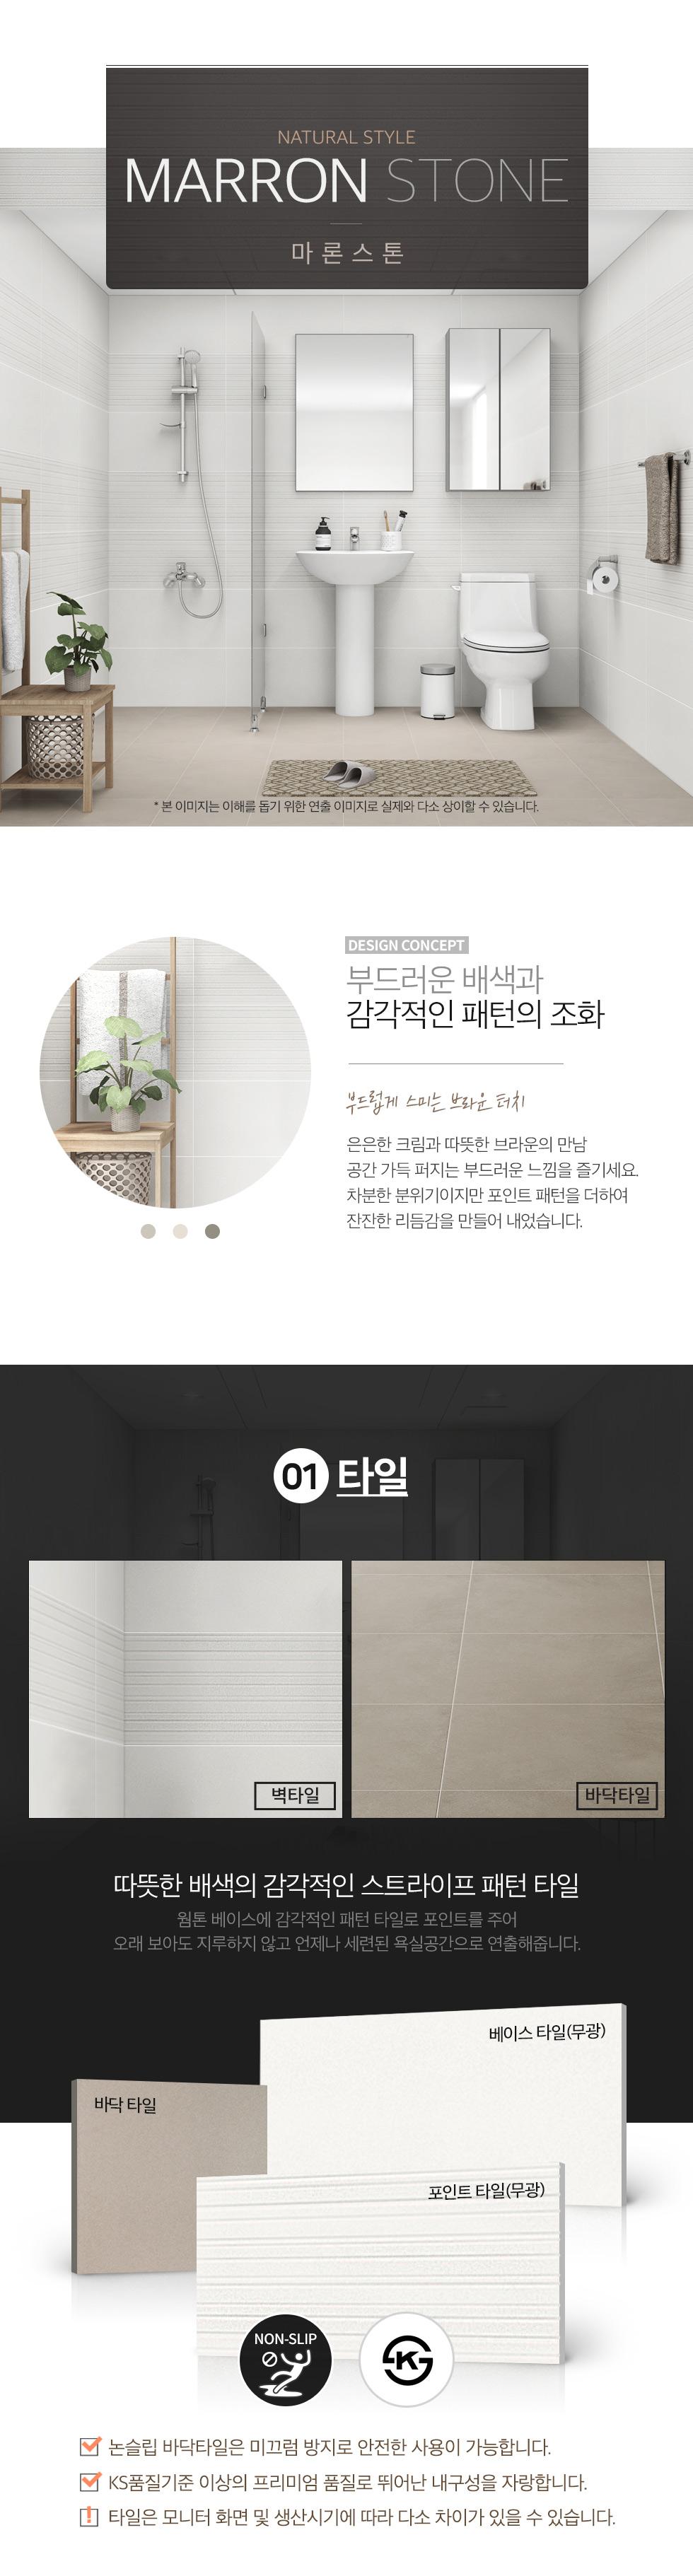 마론스톤 패키지소개01